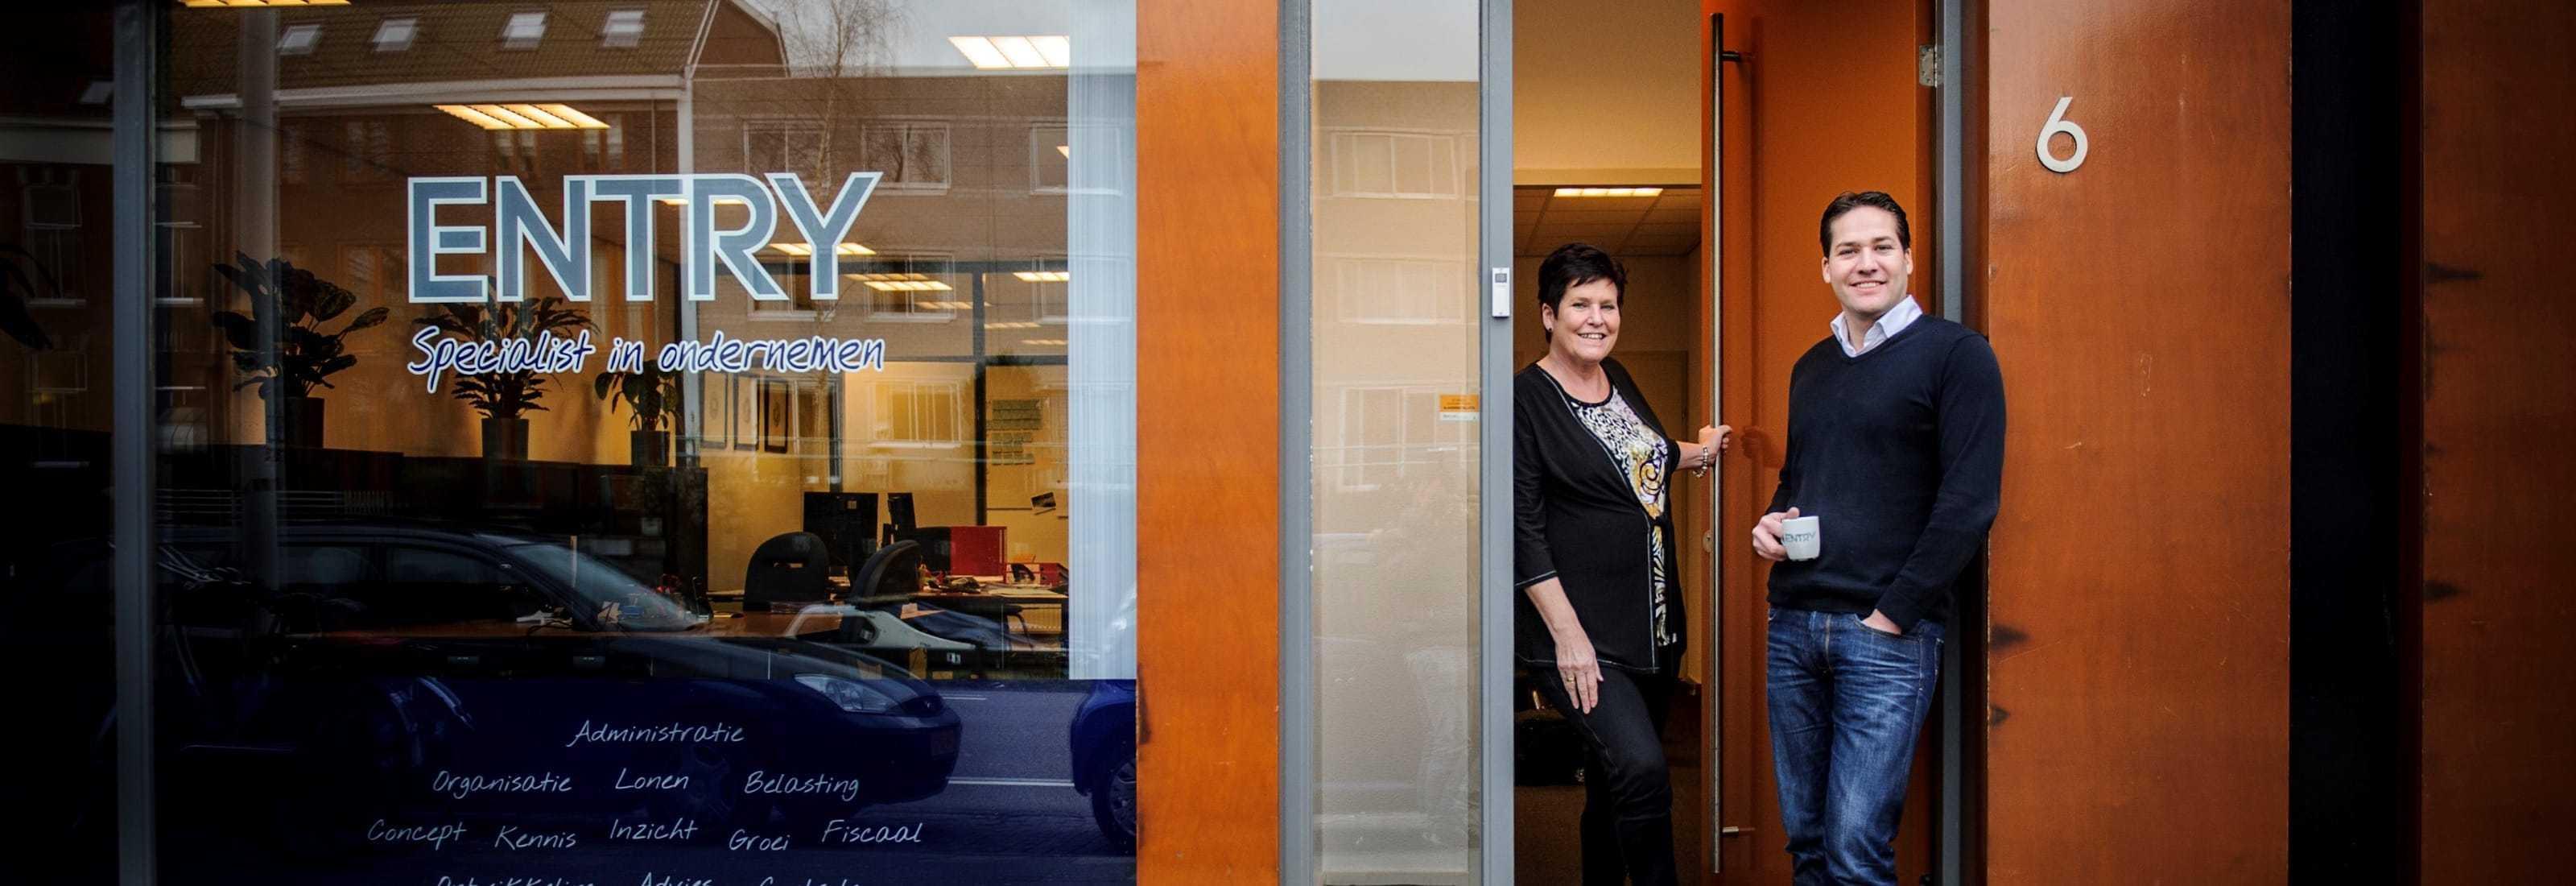 Entry - Administratiekantoor in Leiden